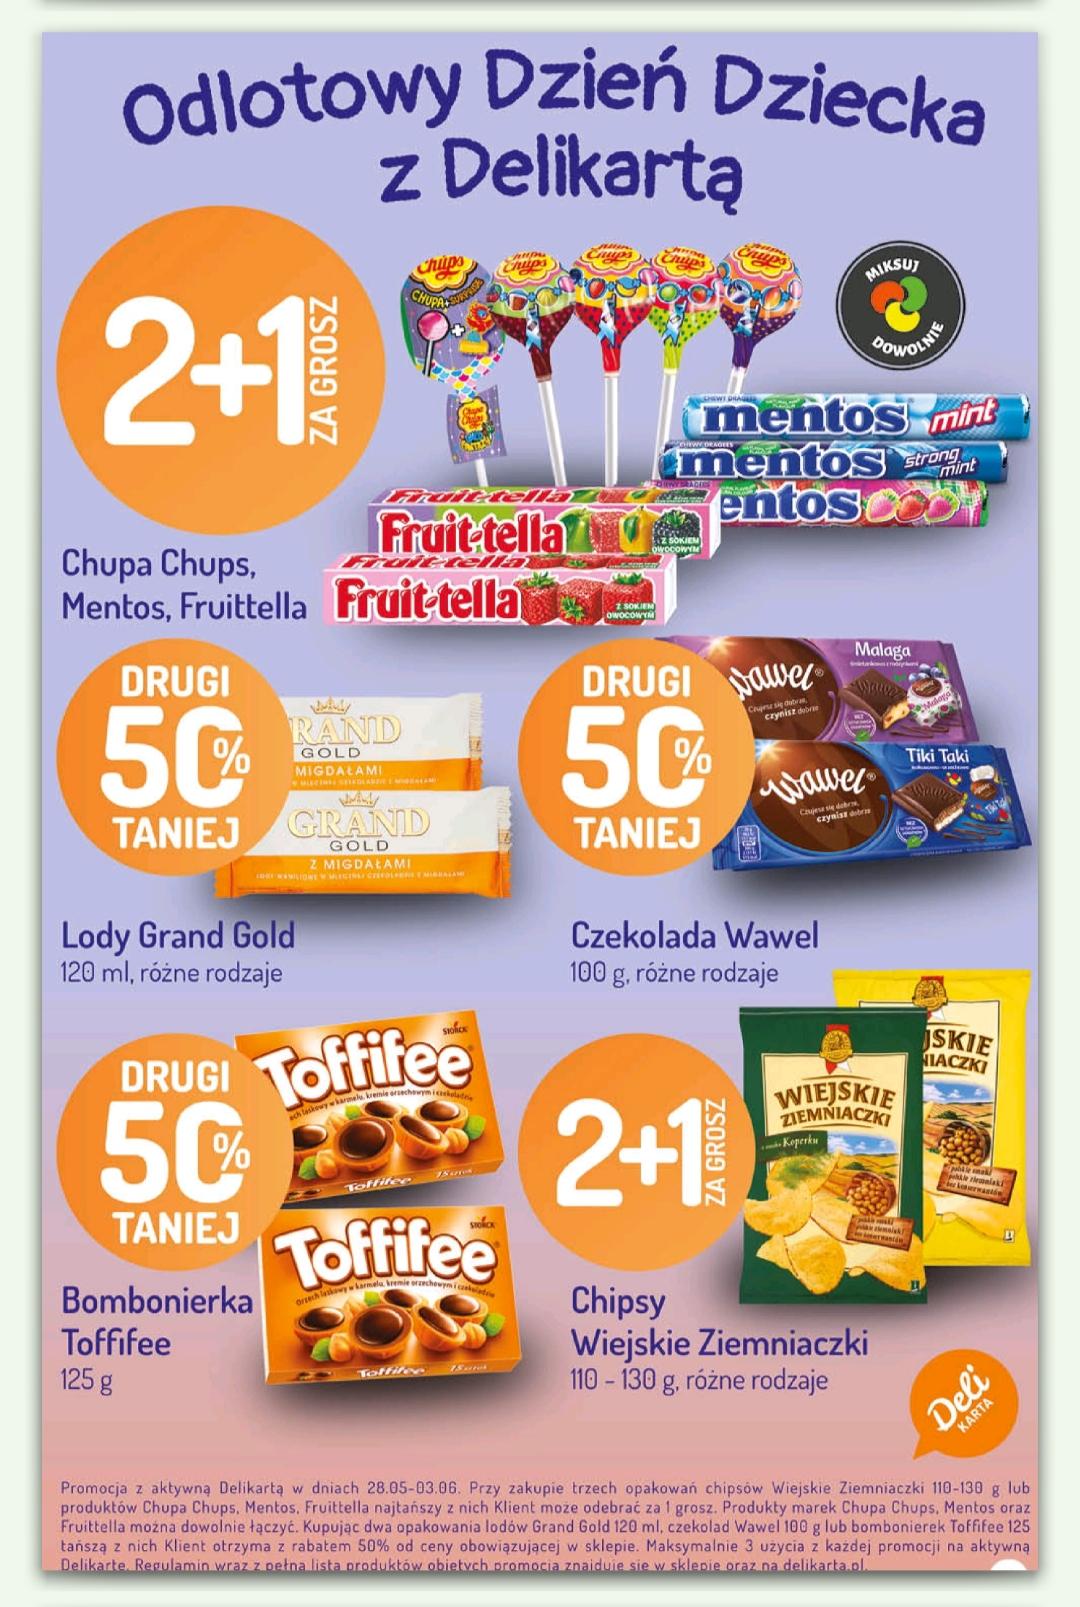 2+1 za grosz oraz drugi 50% - lista produktów Dzień Dziecka z Delikatesy Centrum